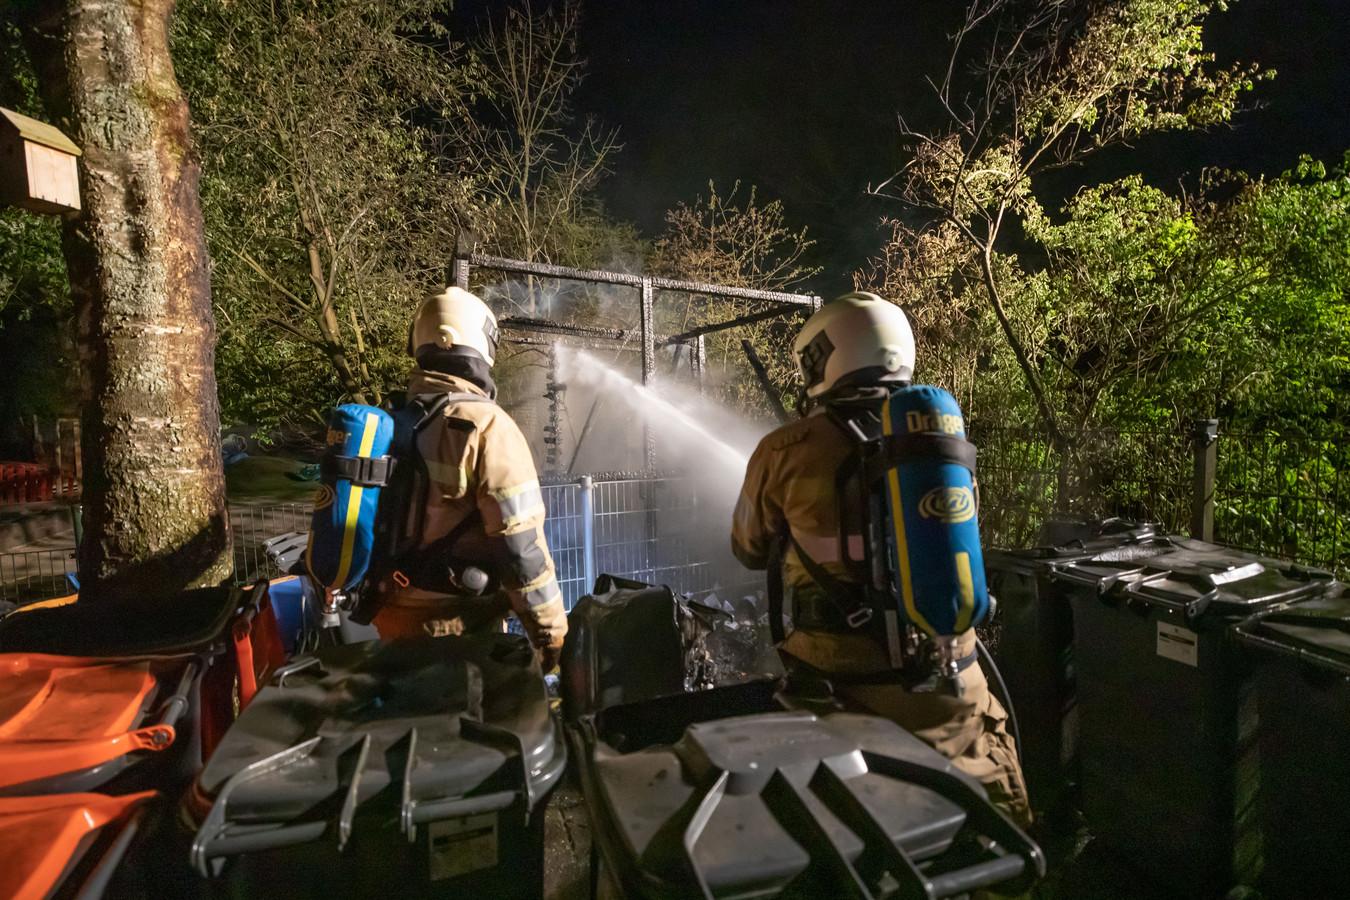 De brandweer in Eemnes moest uitrukken voor een brand in een fietsenberging bij een basisschool.